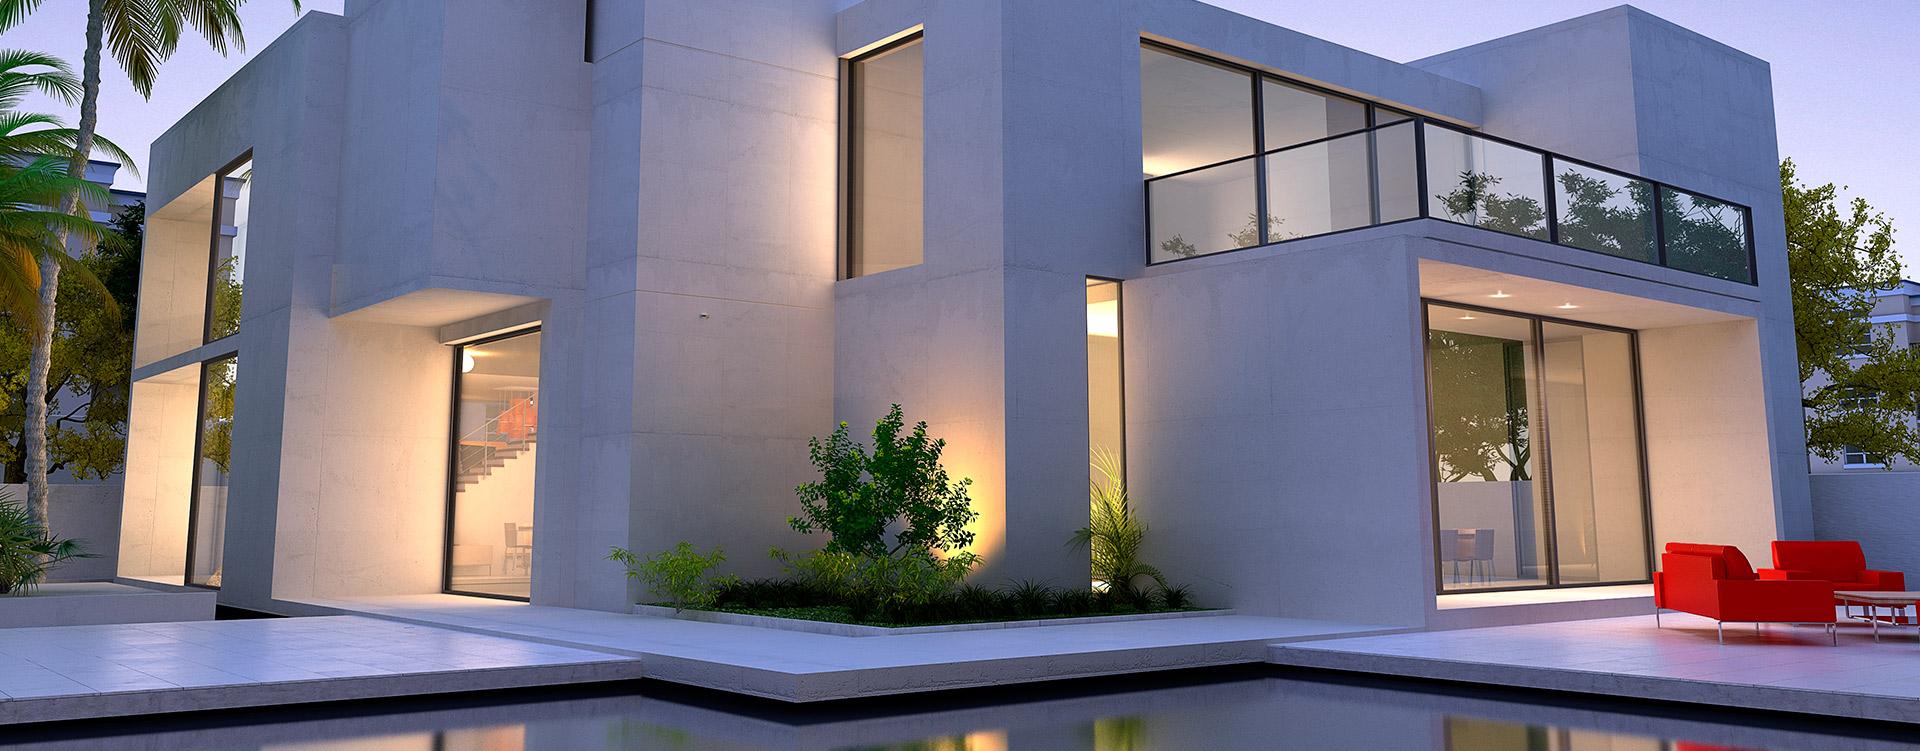 Sistemas constructivos casas prefabricadas en Barcelona